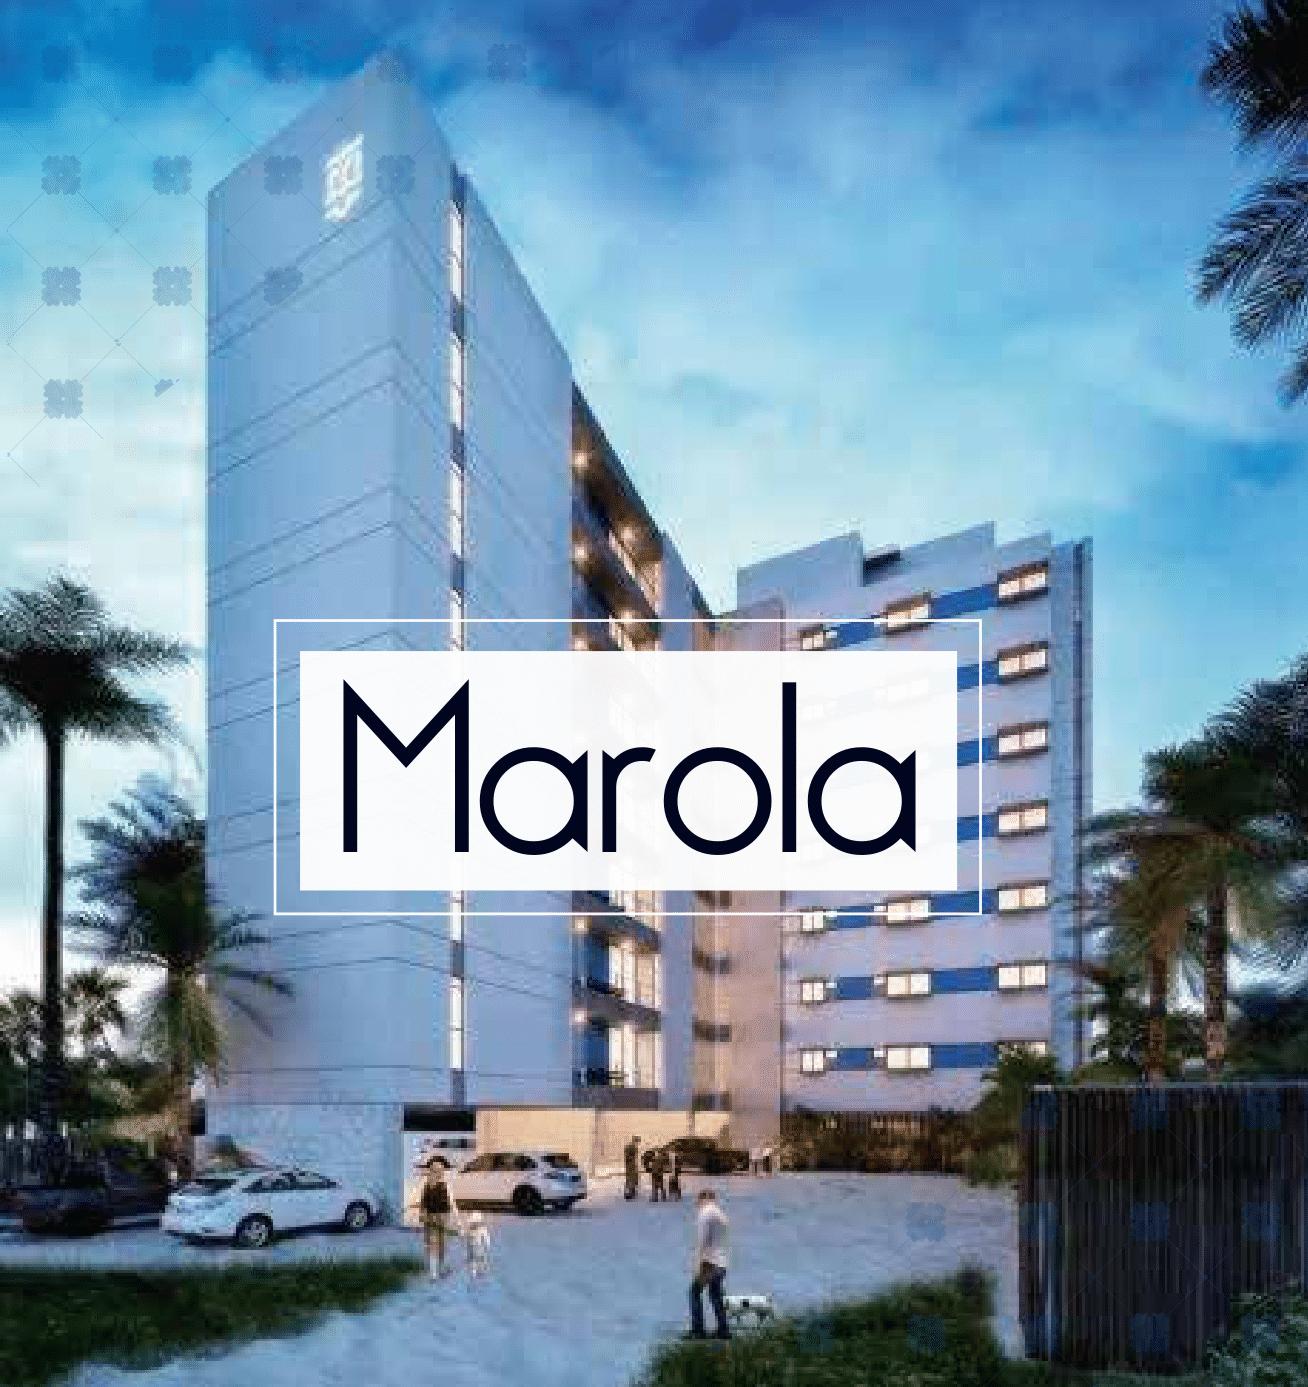 MAROLA (Departamento, Chicxulub,Puerto, Yucatán)